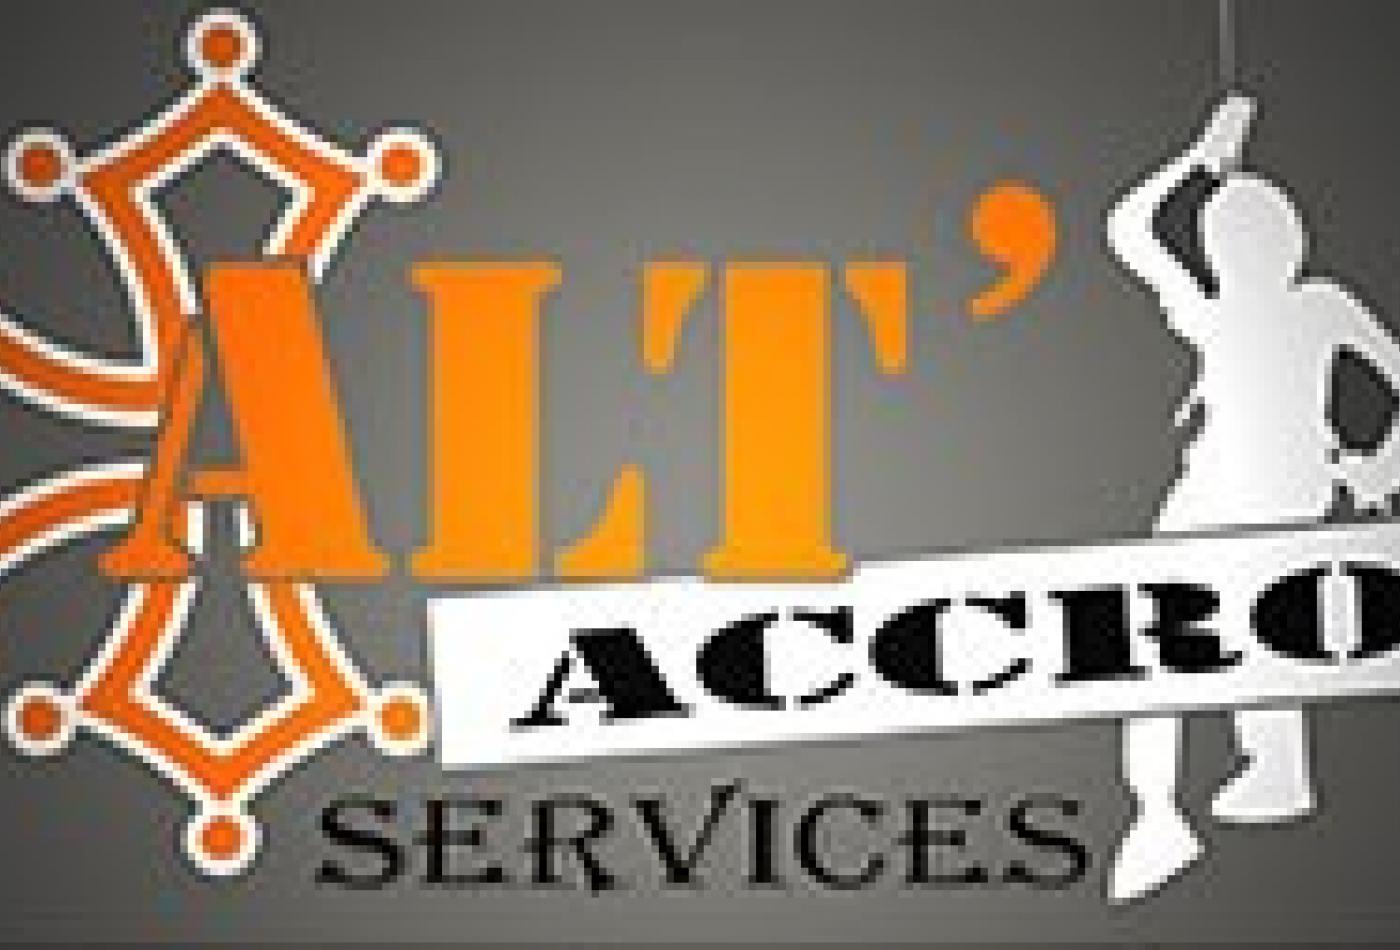 Alt'accro services, travaux sur cordes à béziers et dans l'hérault (34) Vends du sud